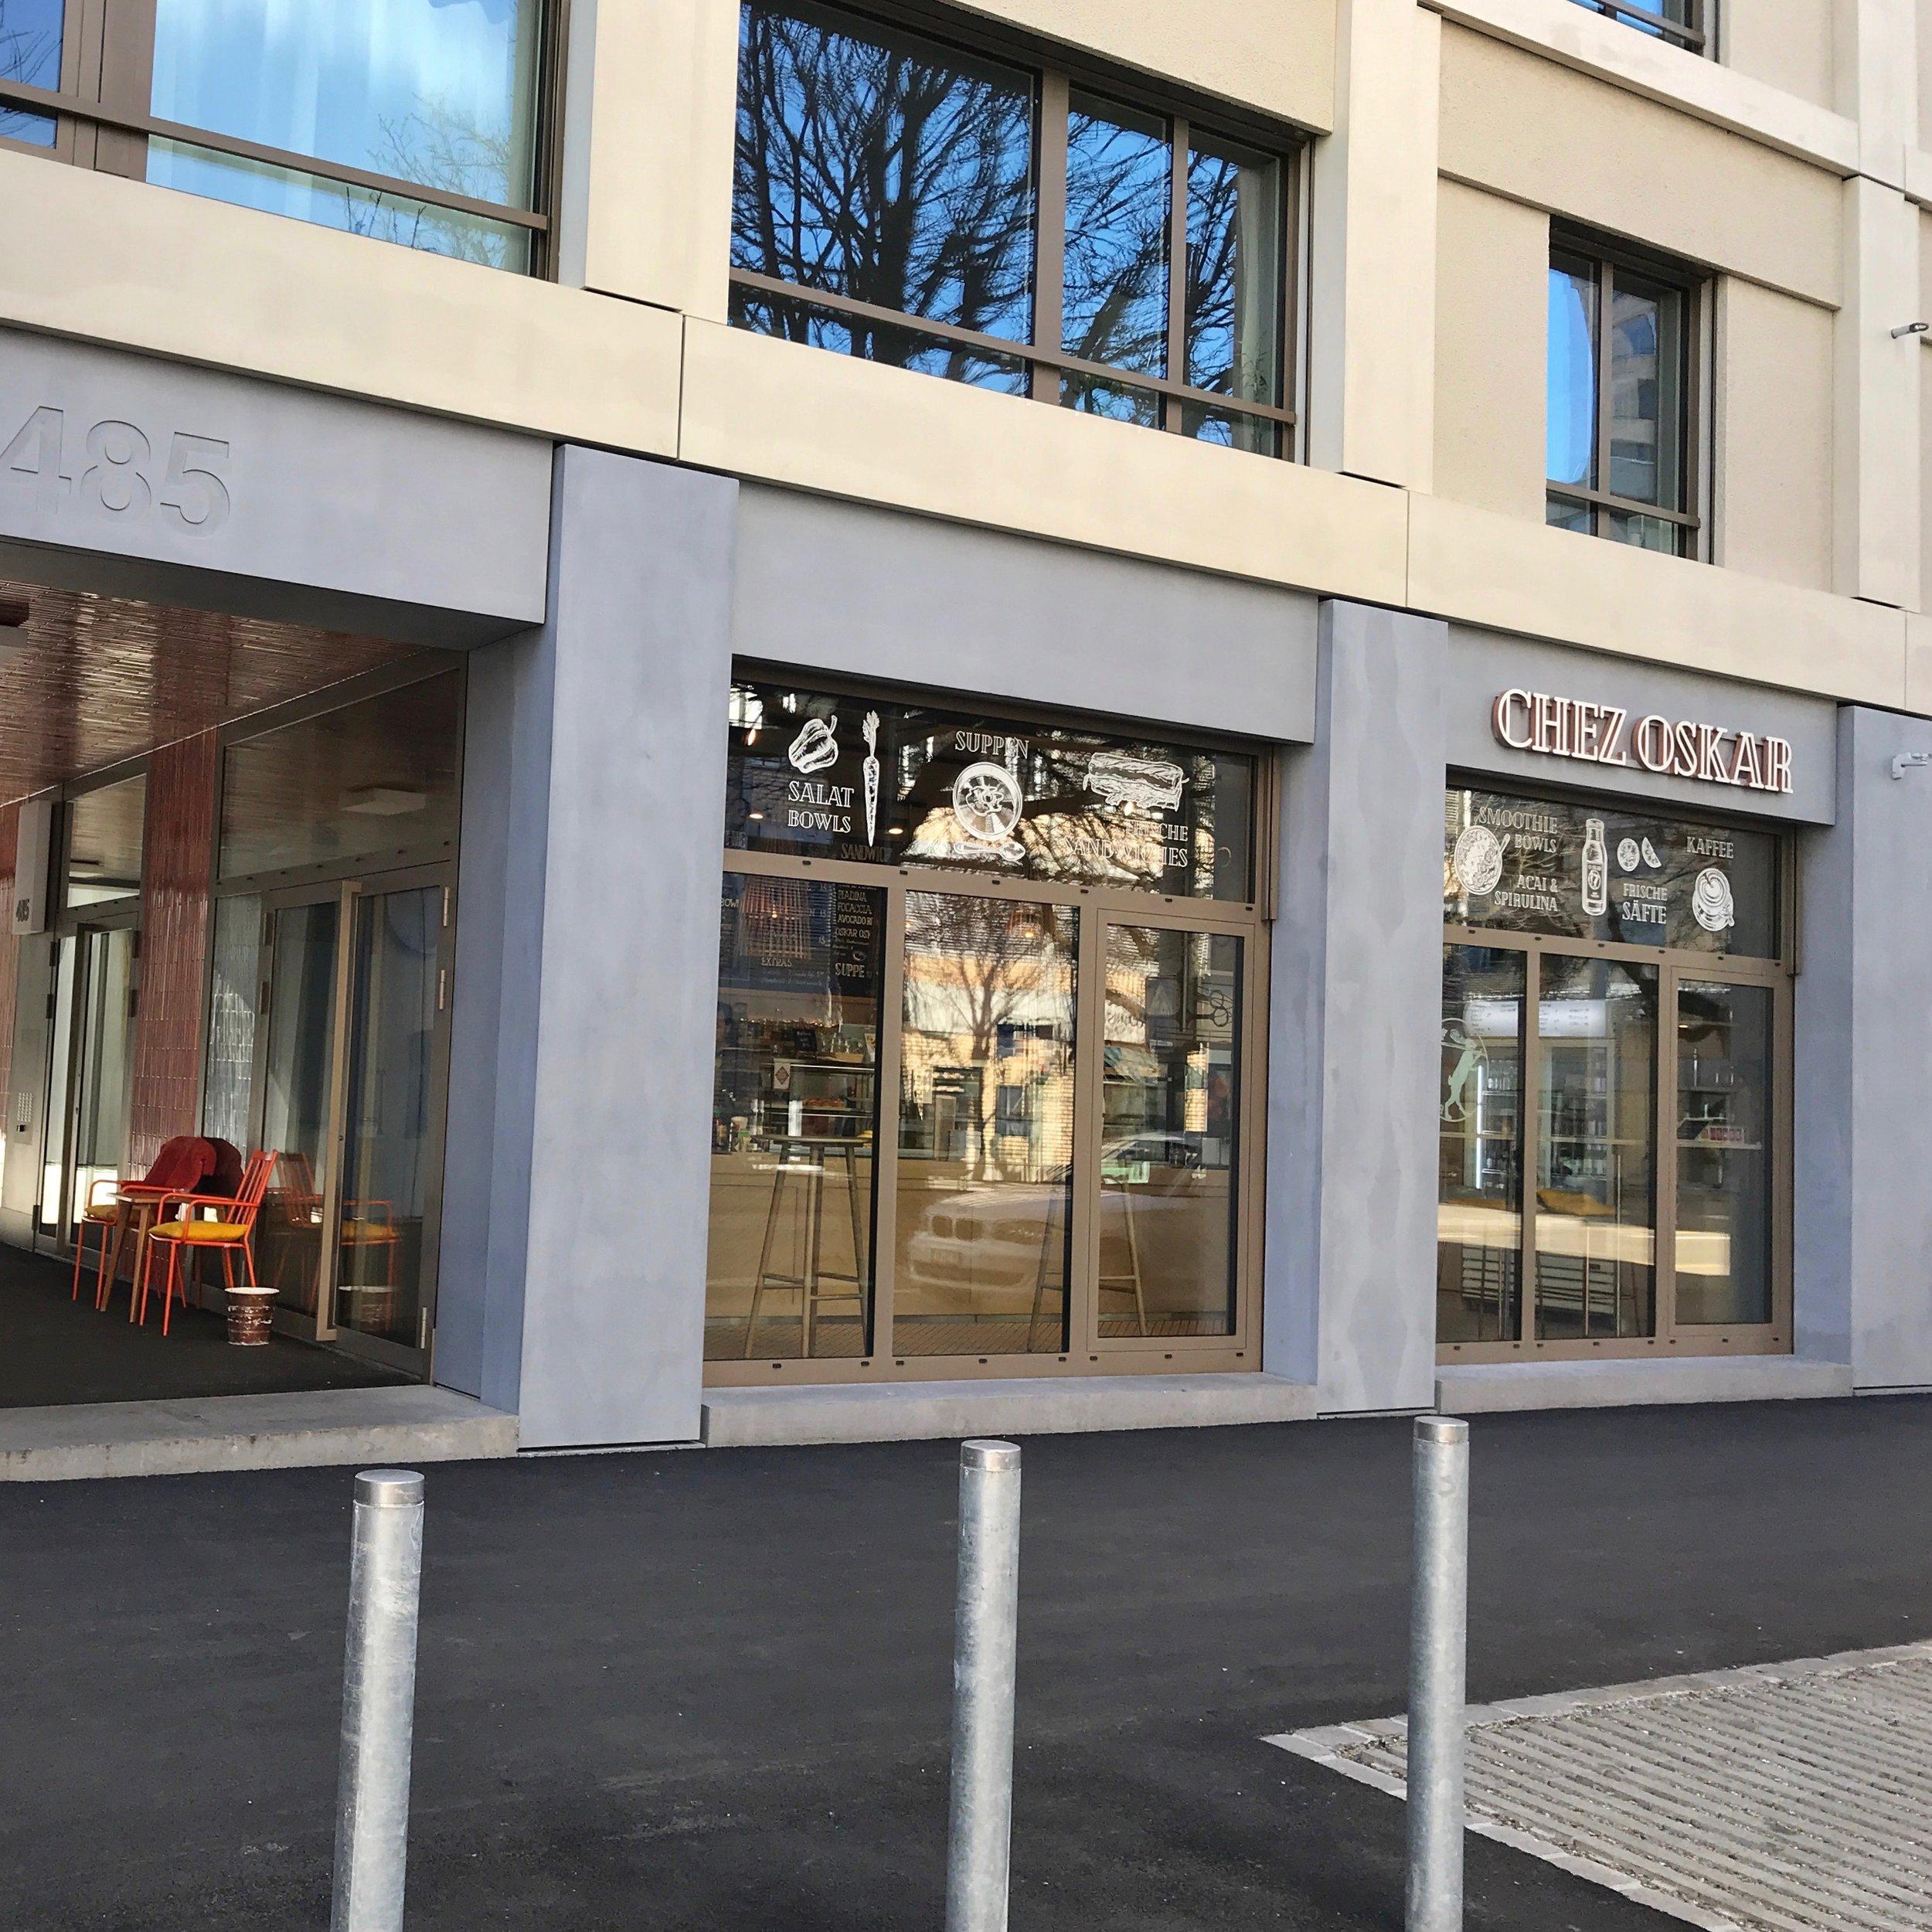 Neulich auf dem Weg nach Altstetten. - Das Chez Oskar ist modern und unkompliziert.